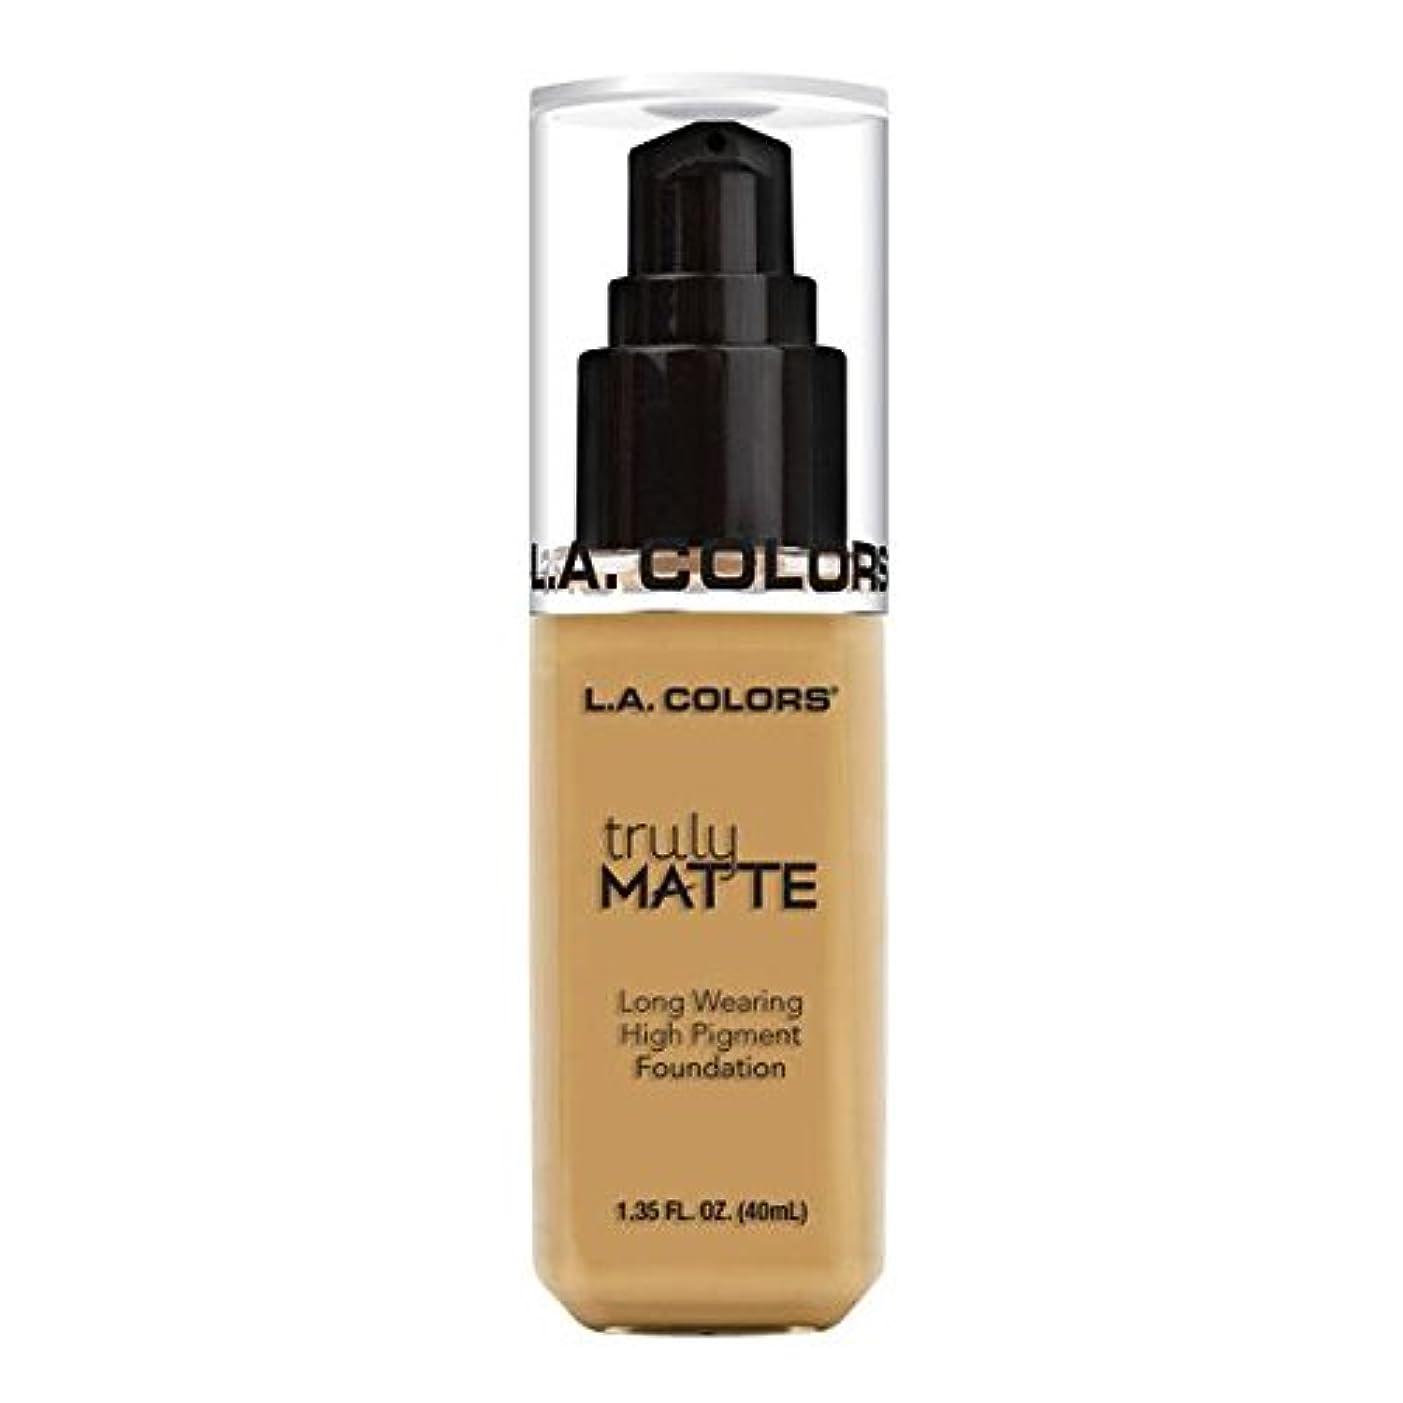 祖先とても遠え(6 Pack) L.A. COLORS Truly Matte Foundation - Nude (並行輸入品)